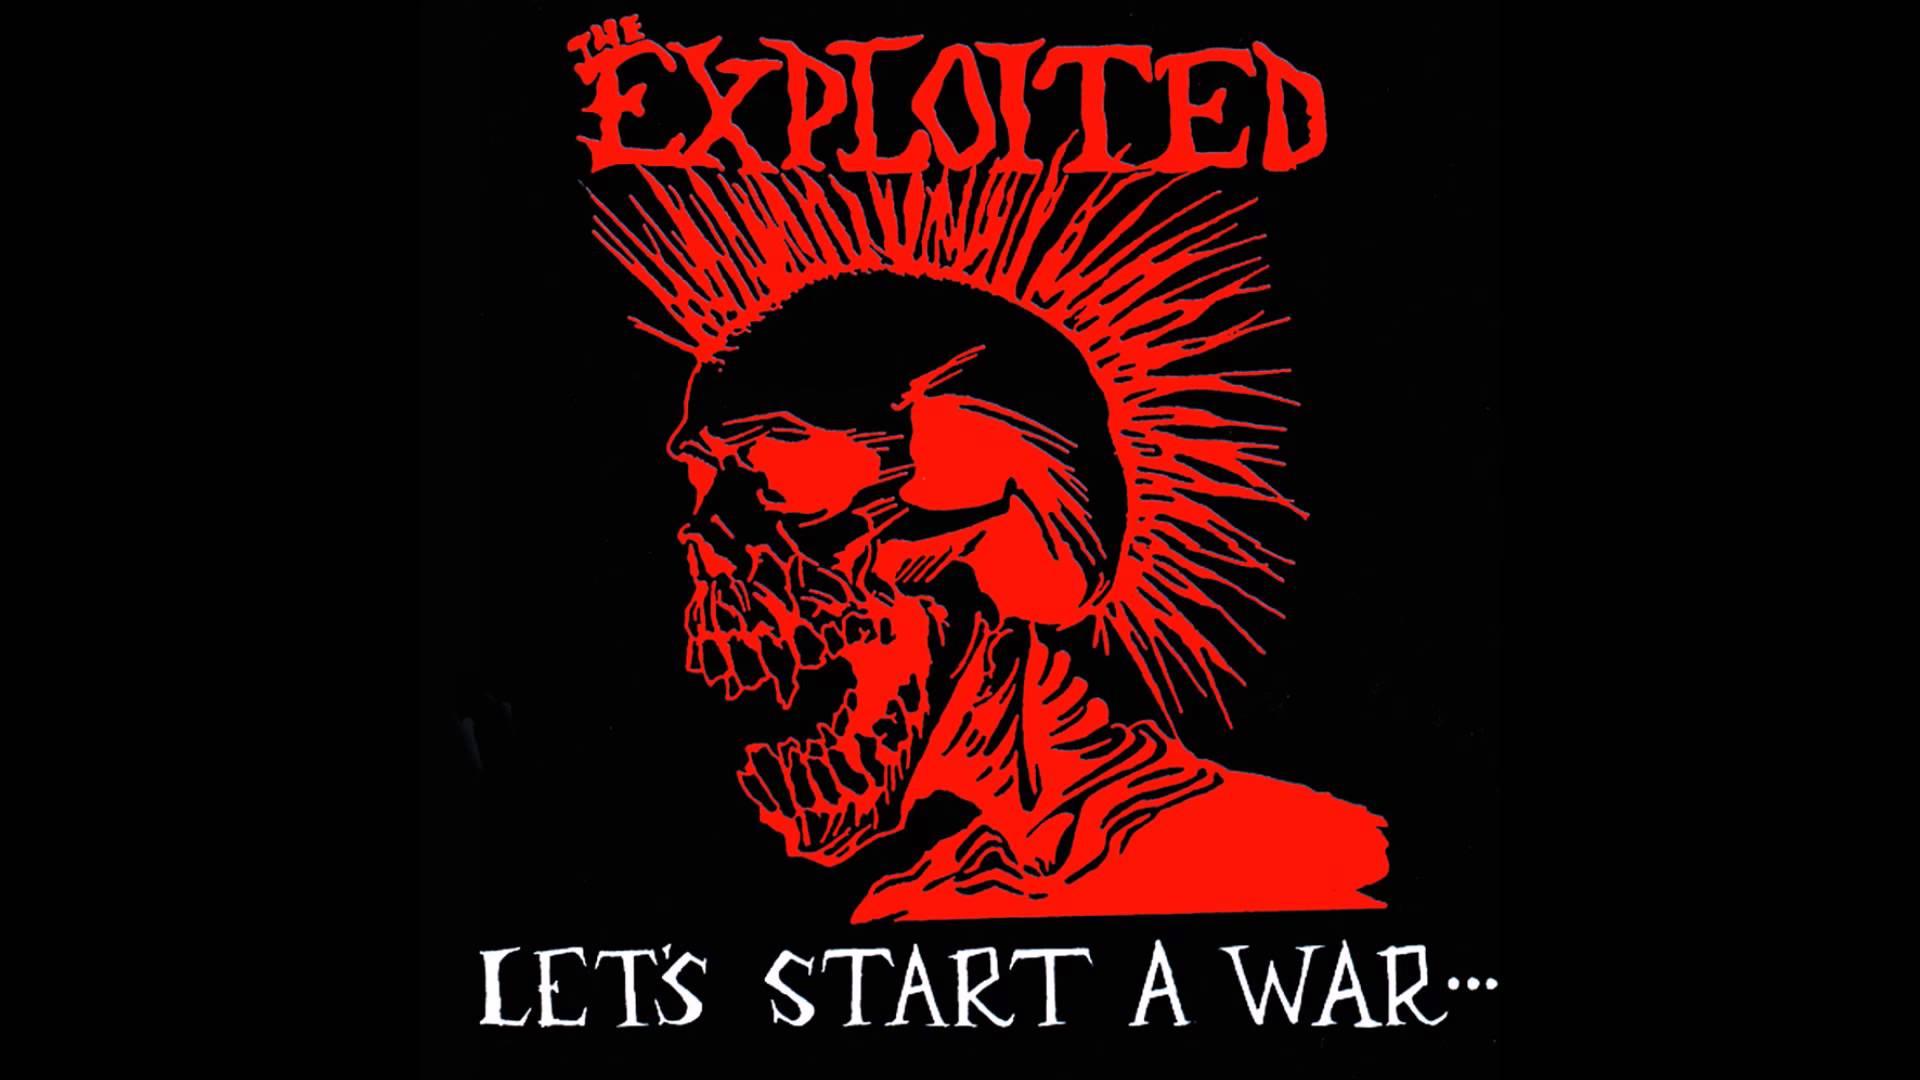 Pakistani exploited — photo 12